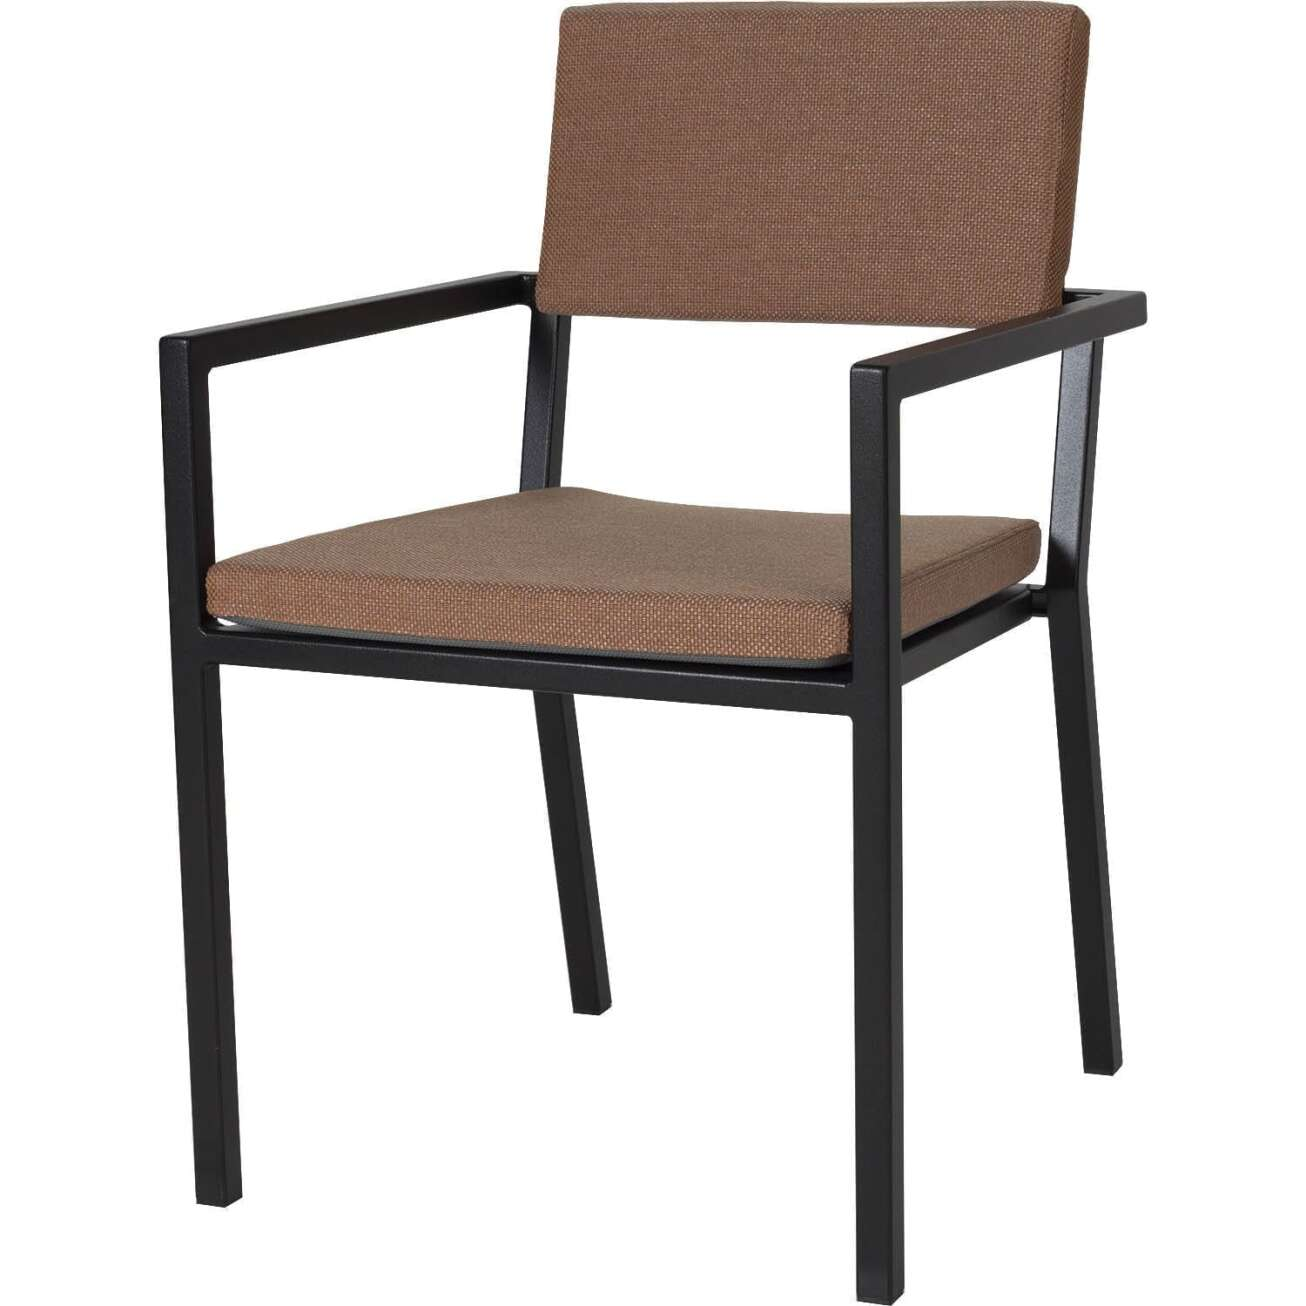 Sundays Frame spisestol i sort aluminium med brune puter